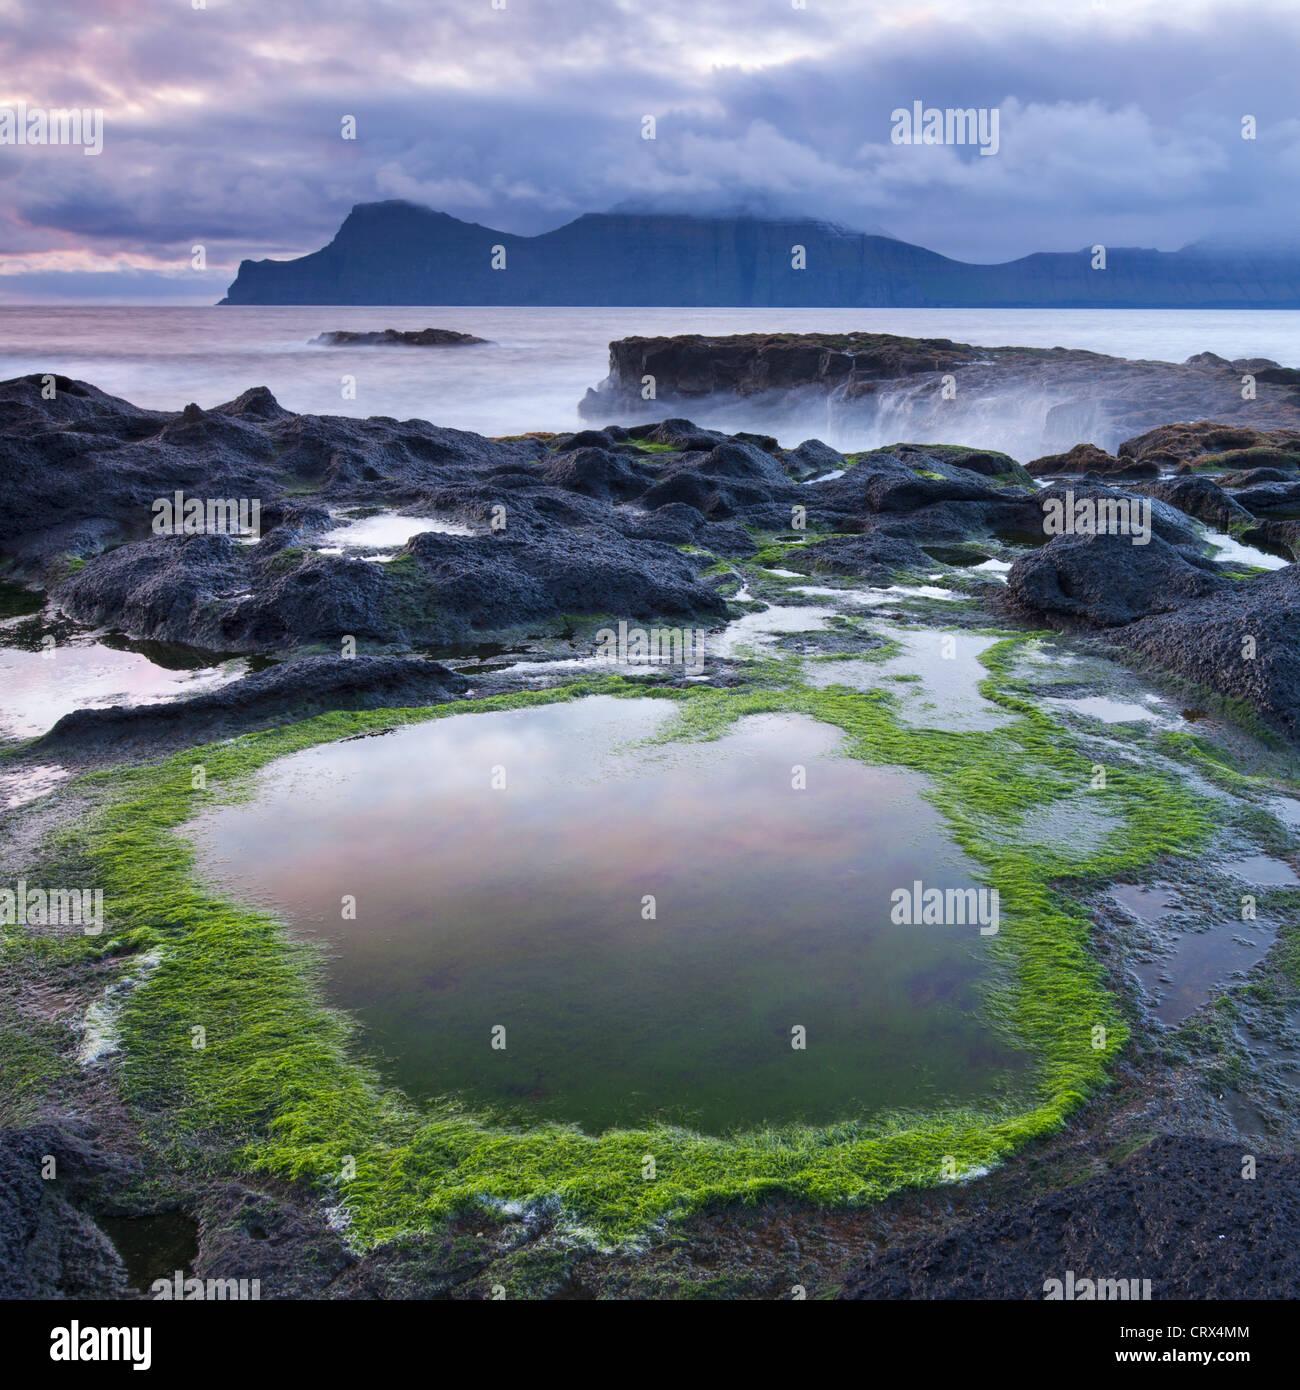 Rockpools sulle rive di Gjogv su Eysturoy, guardando verso l'isola montuosa di Kalsoy. Le isole Faerøer. Immagini Stock